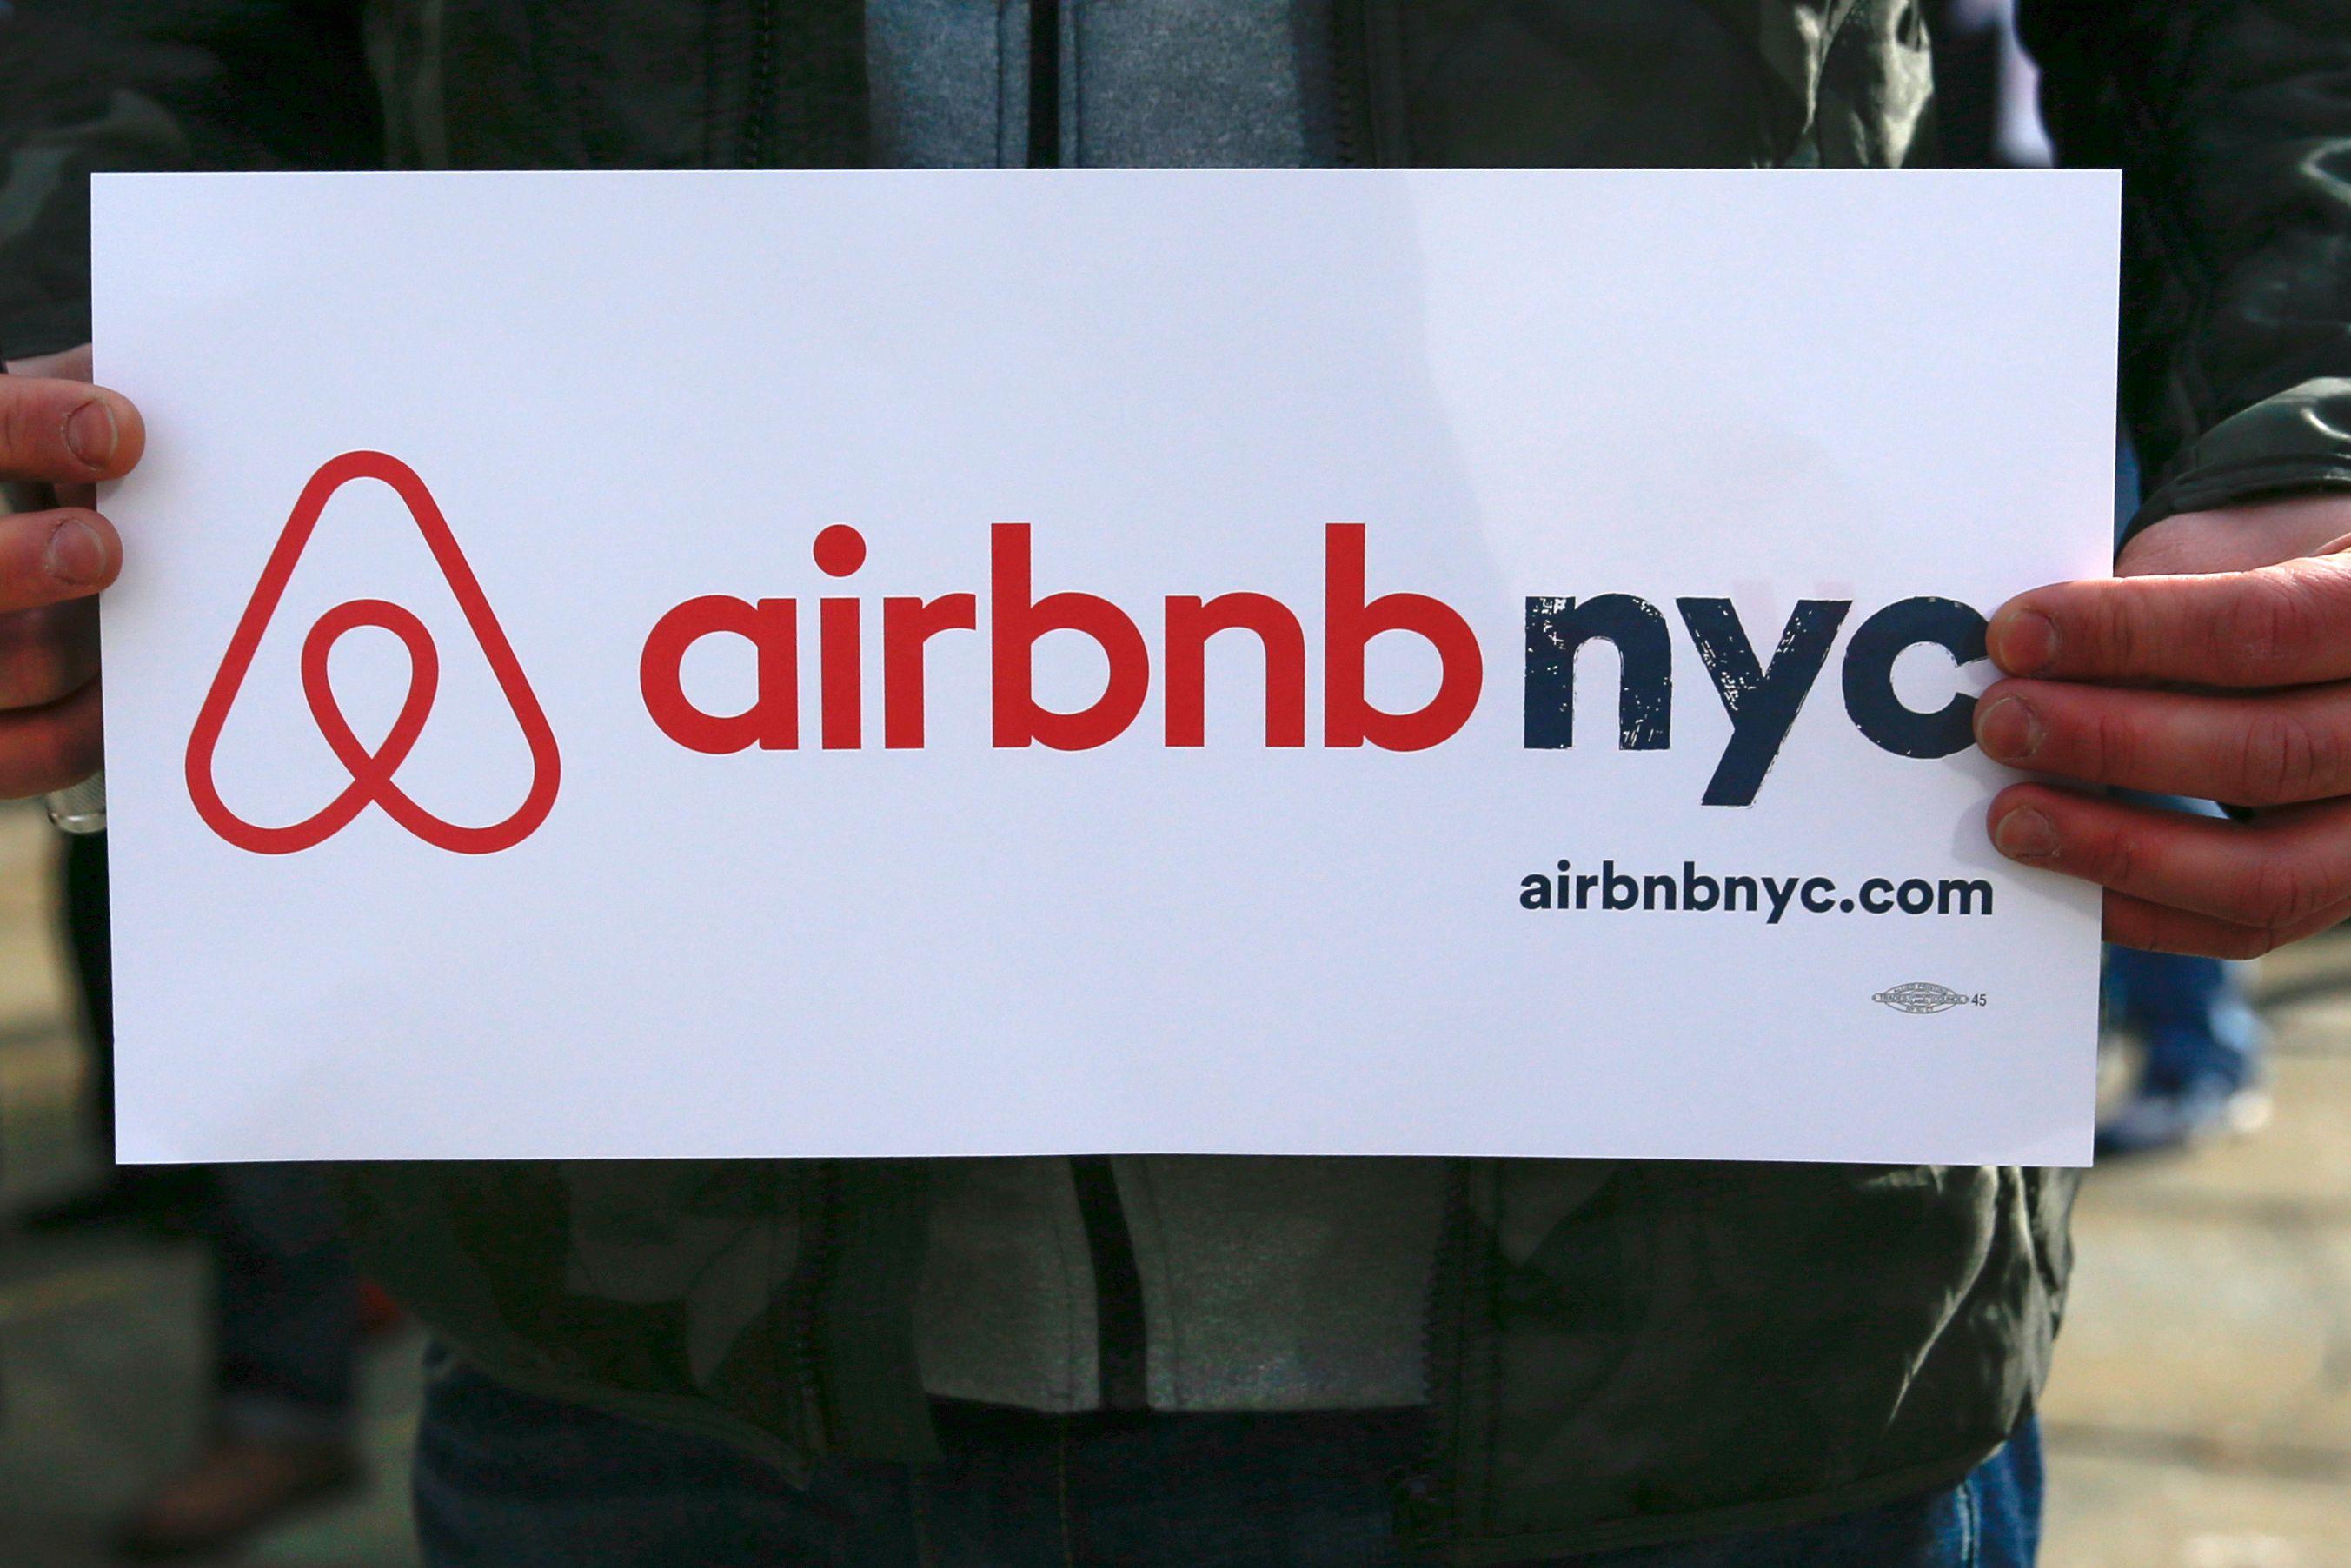 Comment des escrocs utilisent Airbnb pour blanchir de l'argent sale